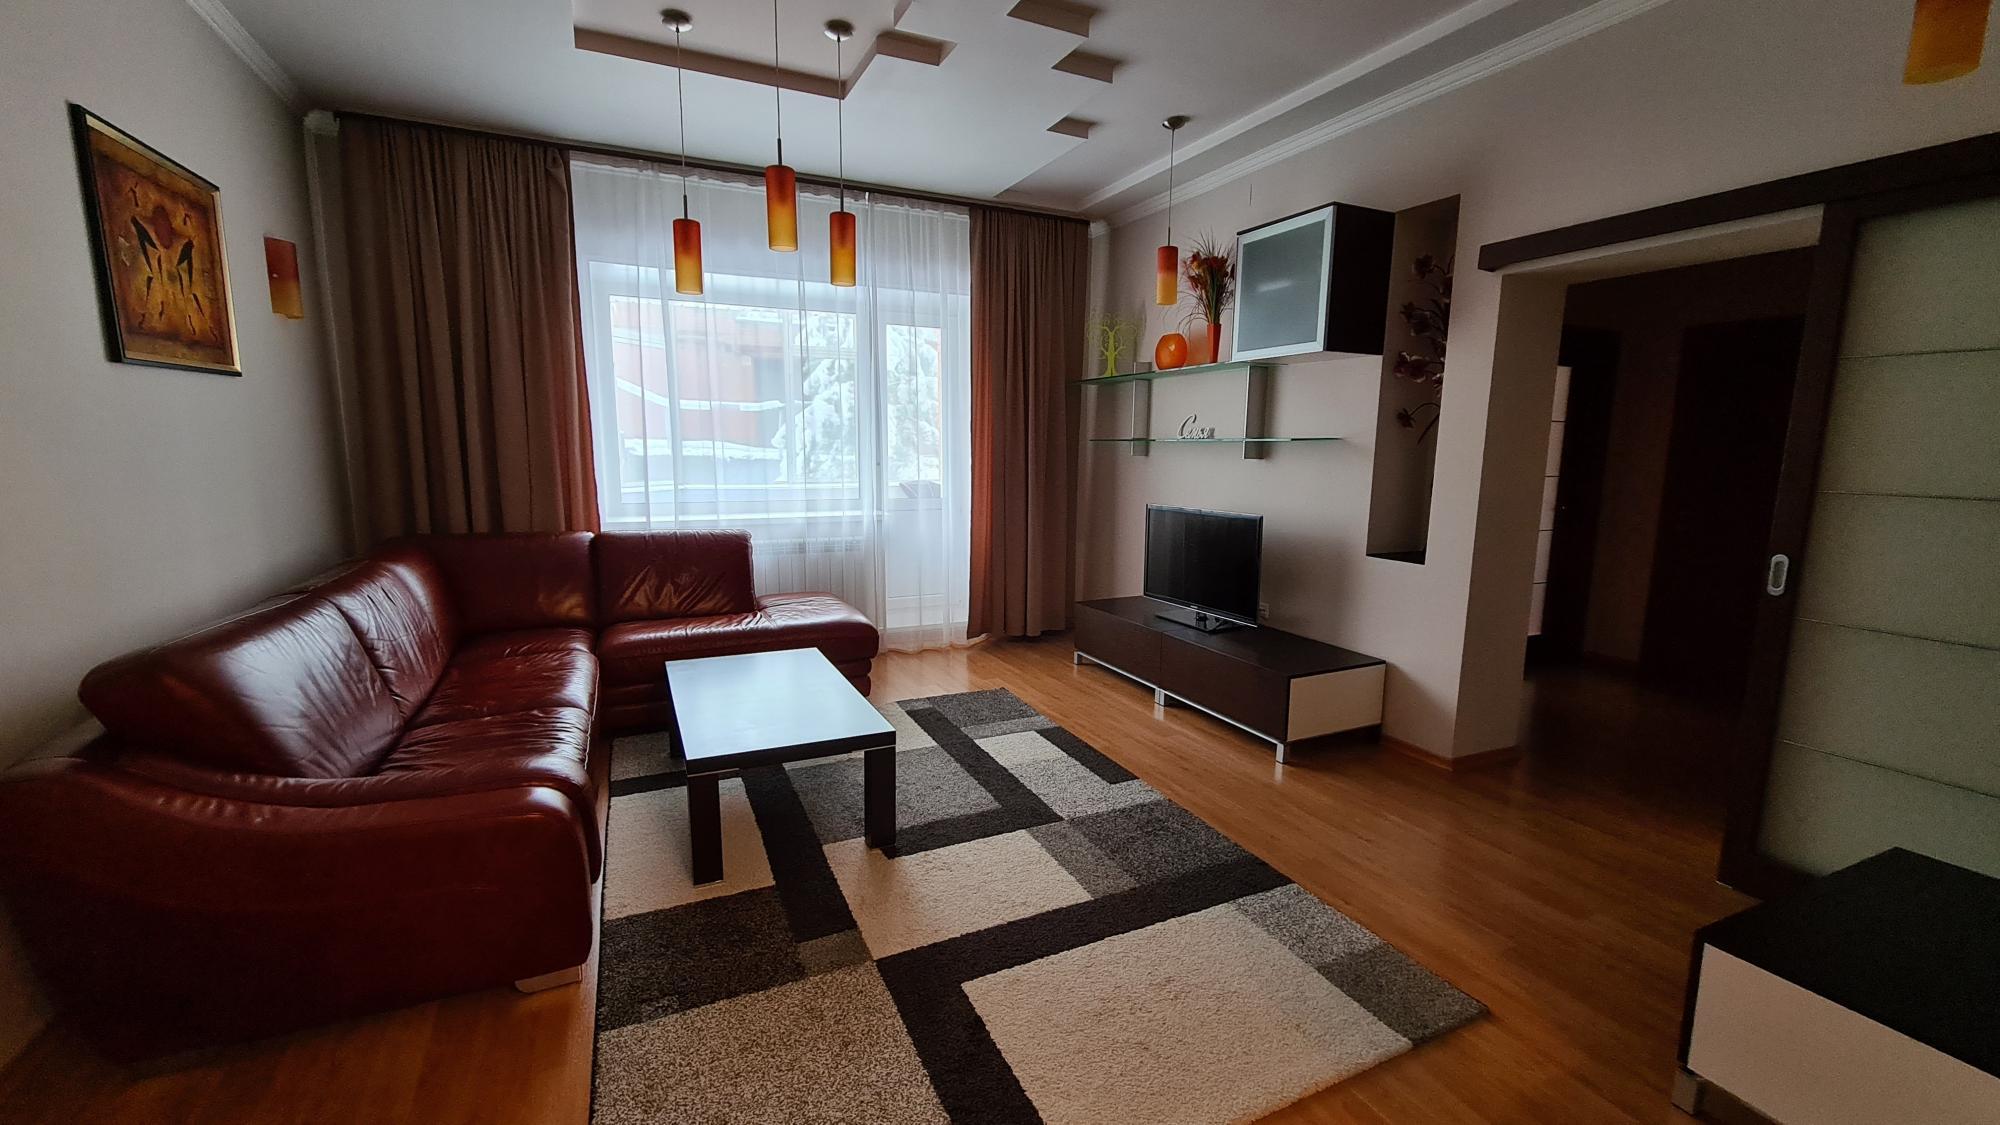 4к квартира улица Елены Стасовой, 25Г | 70000 | аренда в Красноярске фото 1